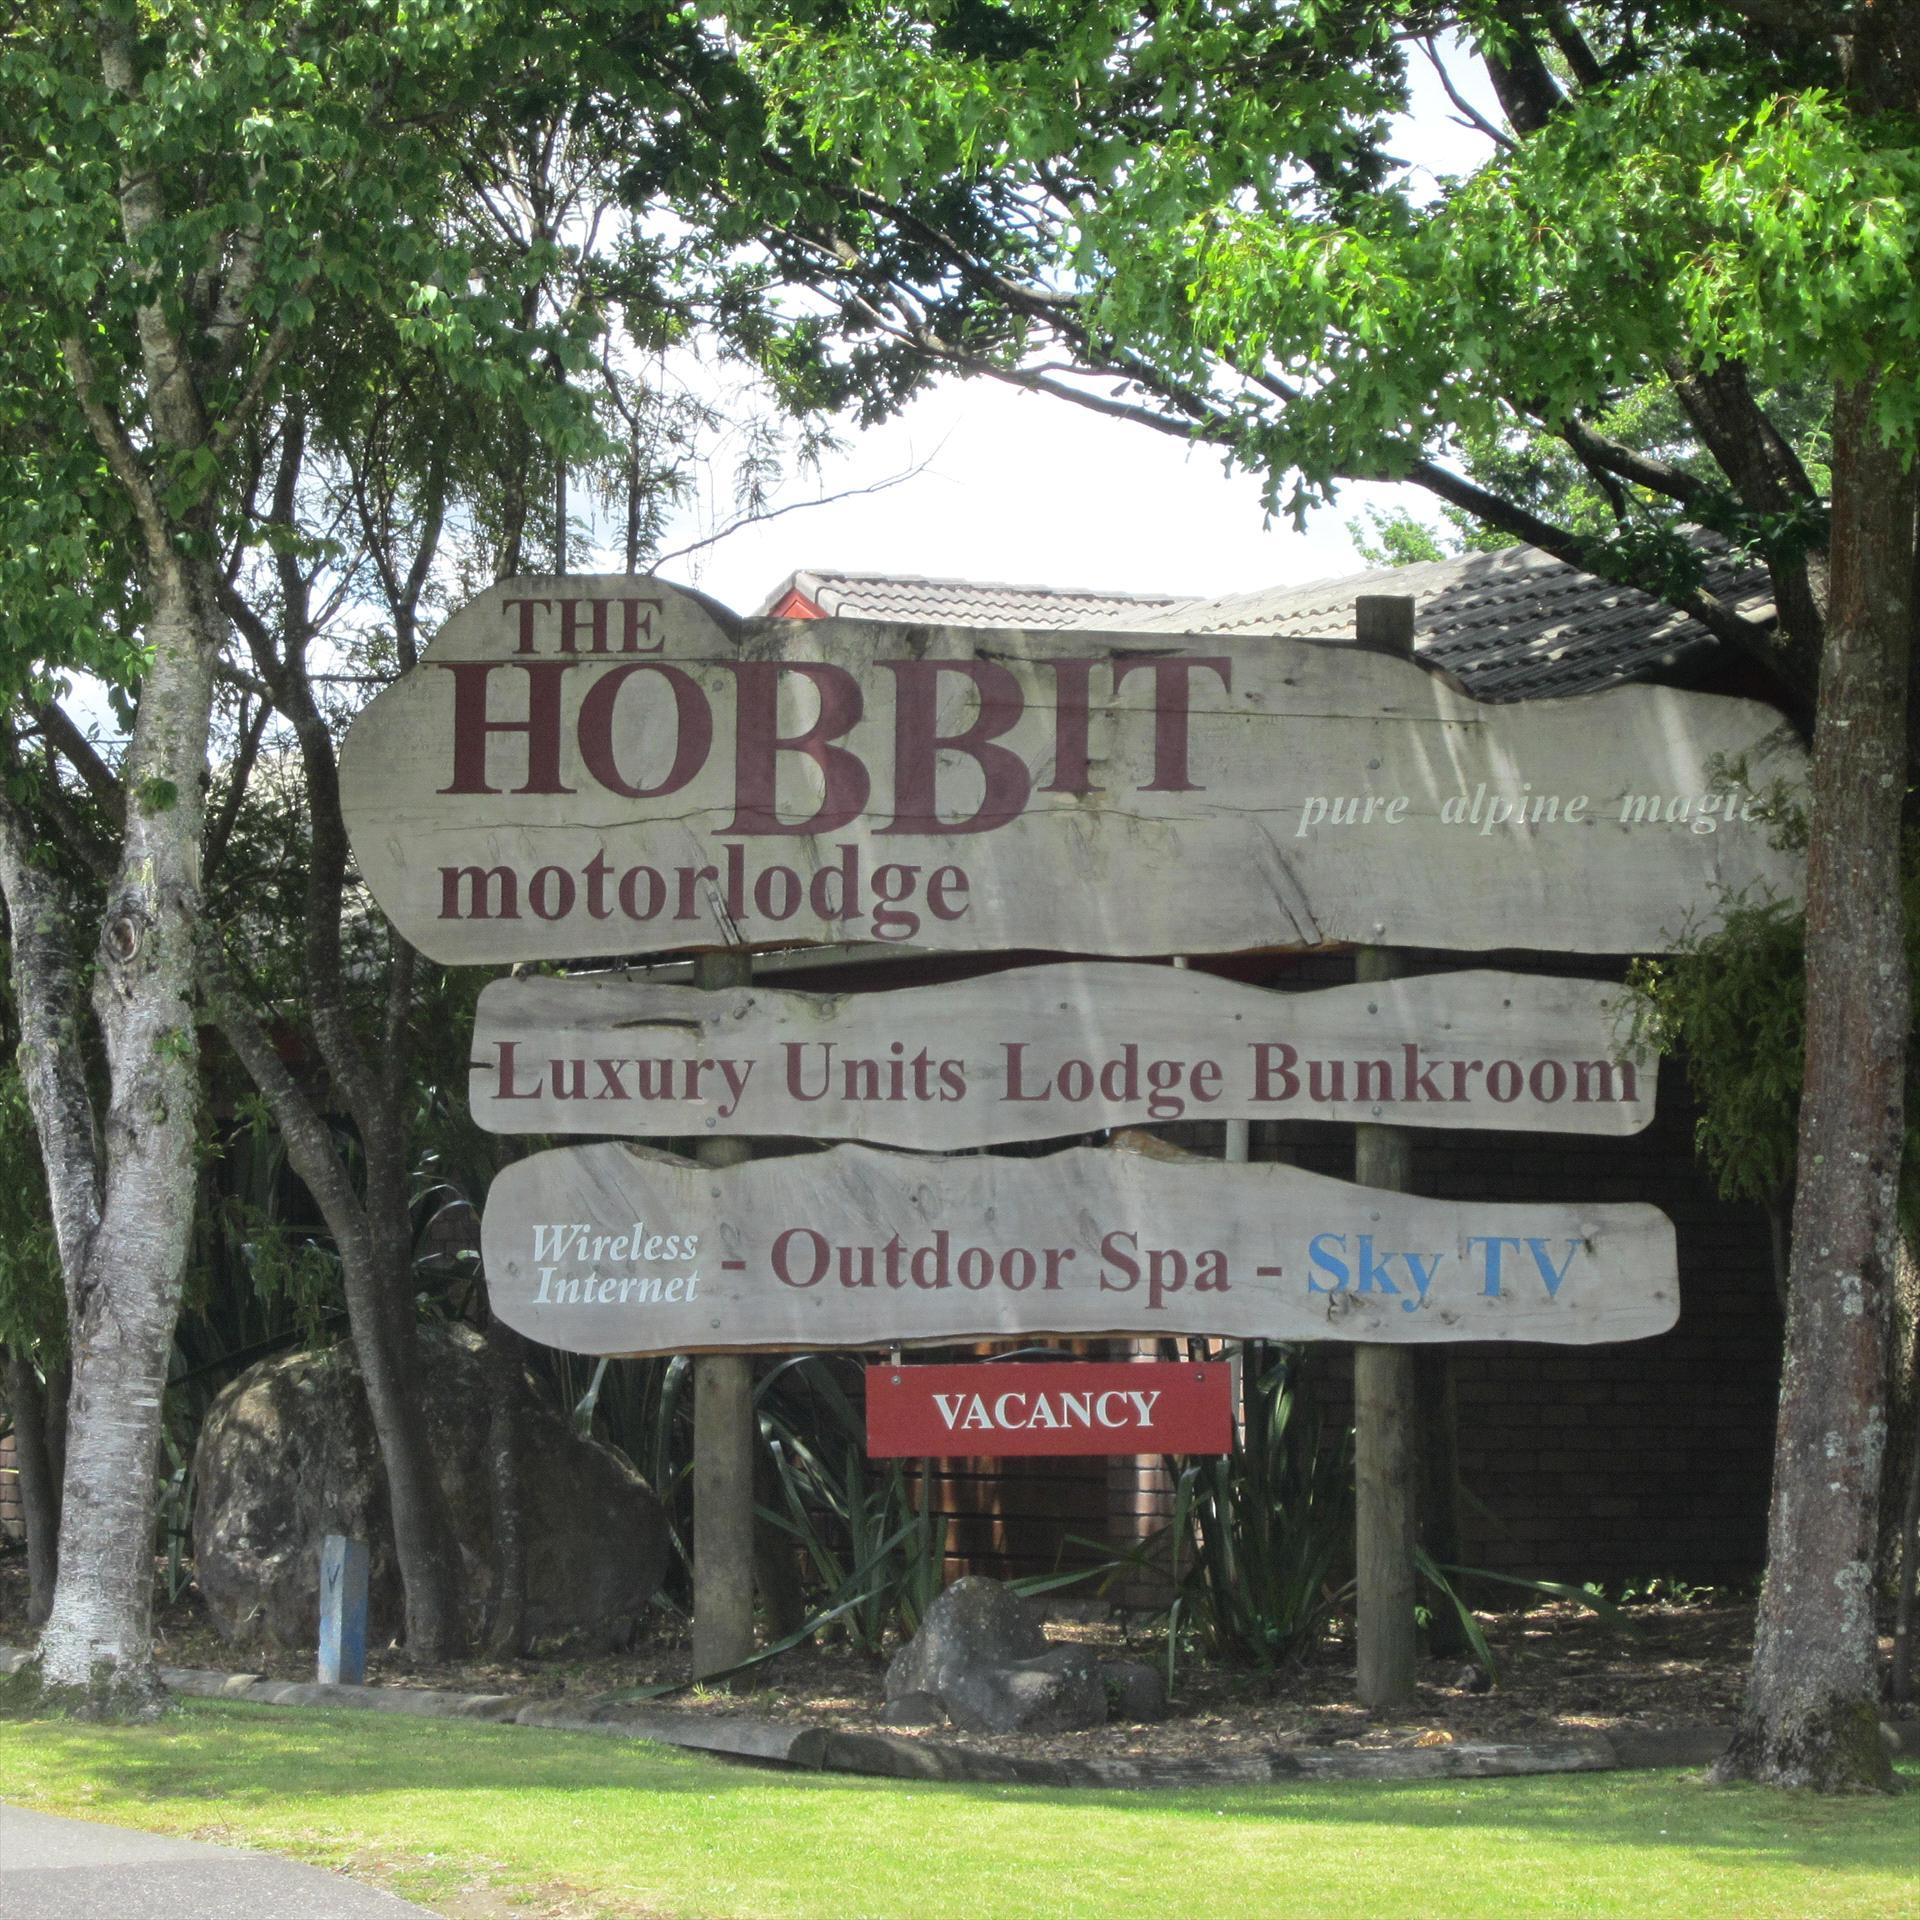 Hobbit Motorlodge